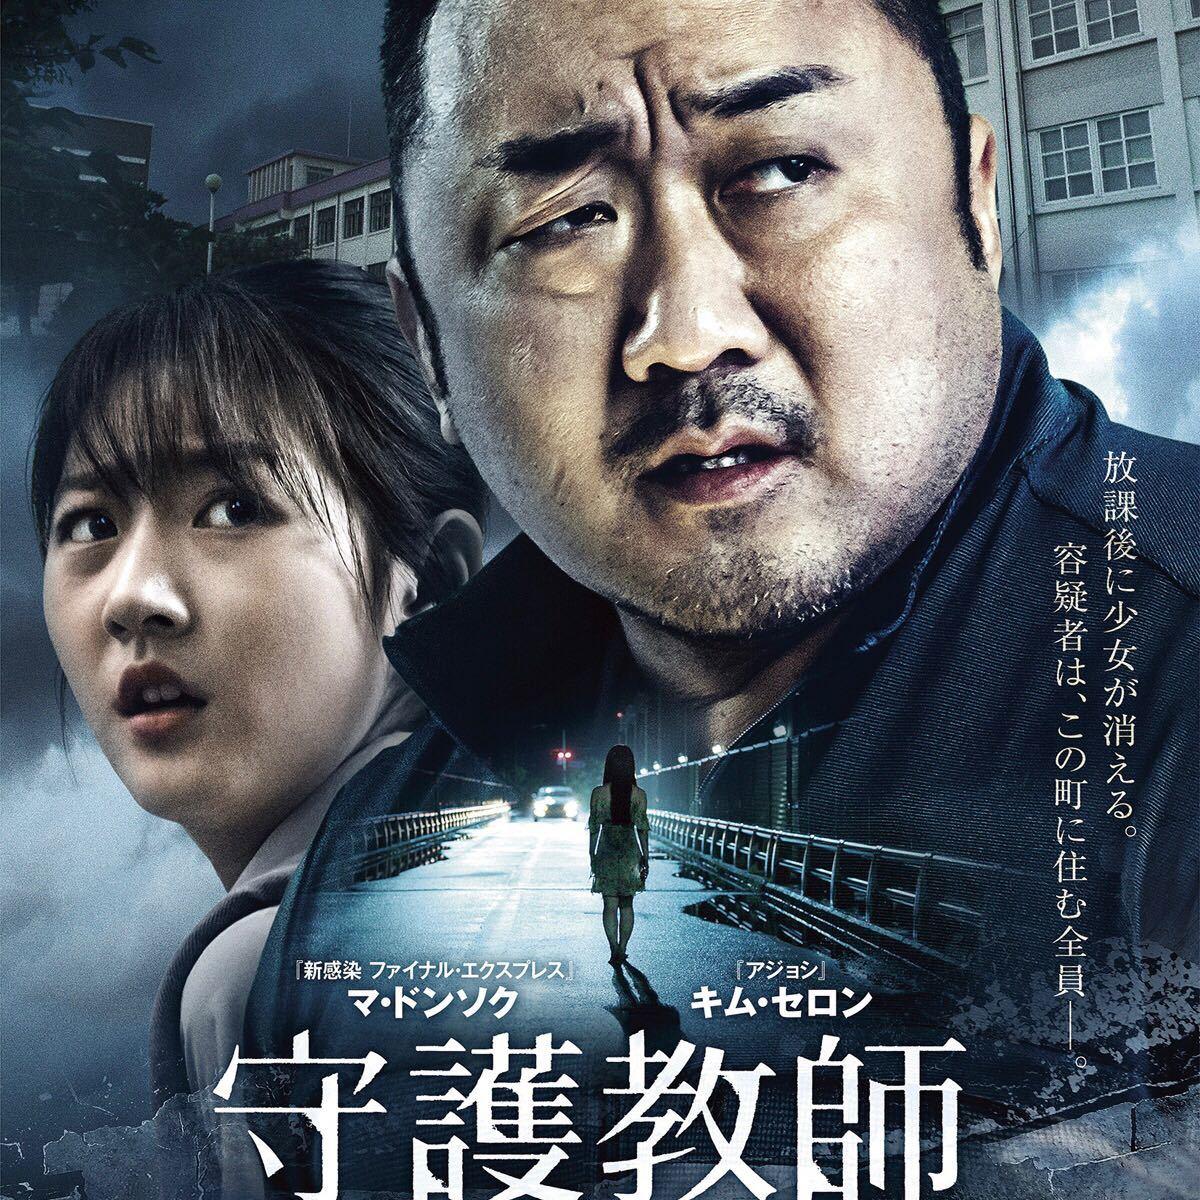 韓国映画 守護教師 マ・ドンソク DVD 日本語吹替有り レーベル有り